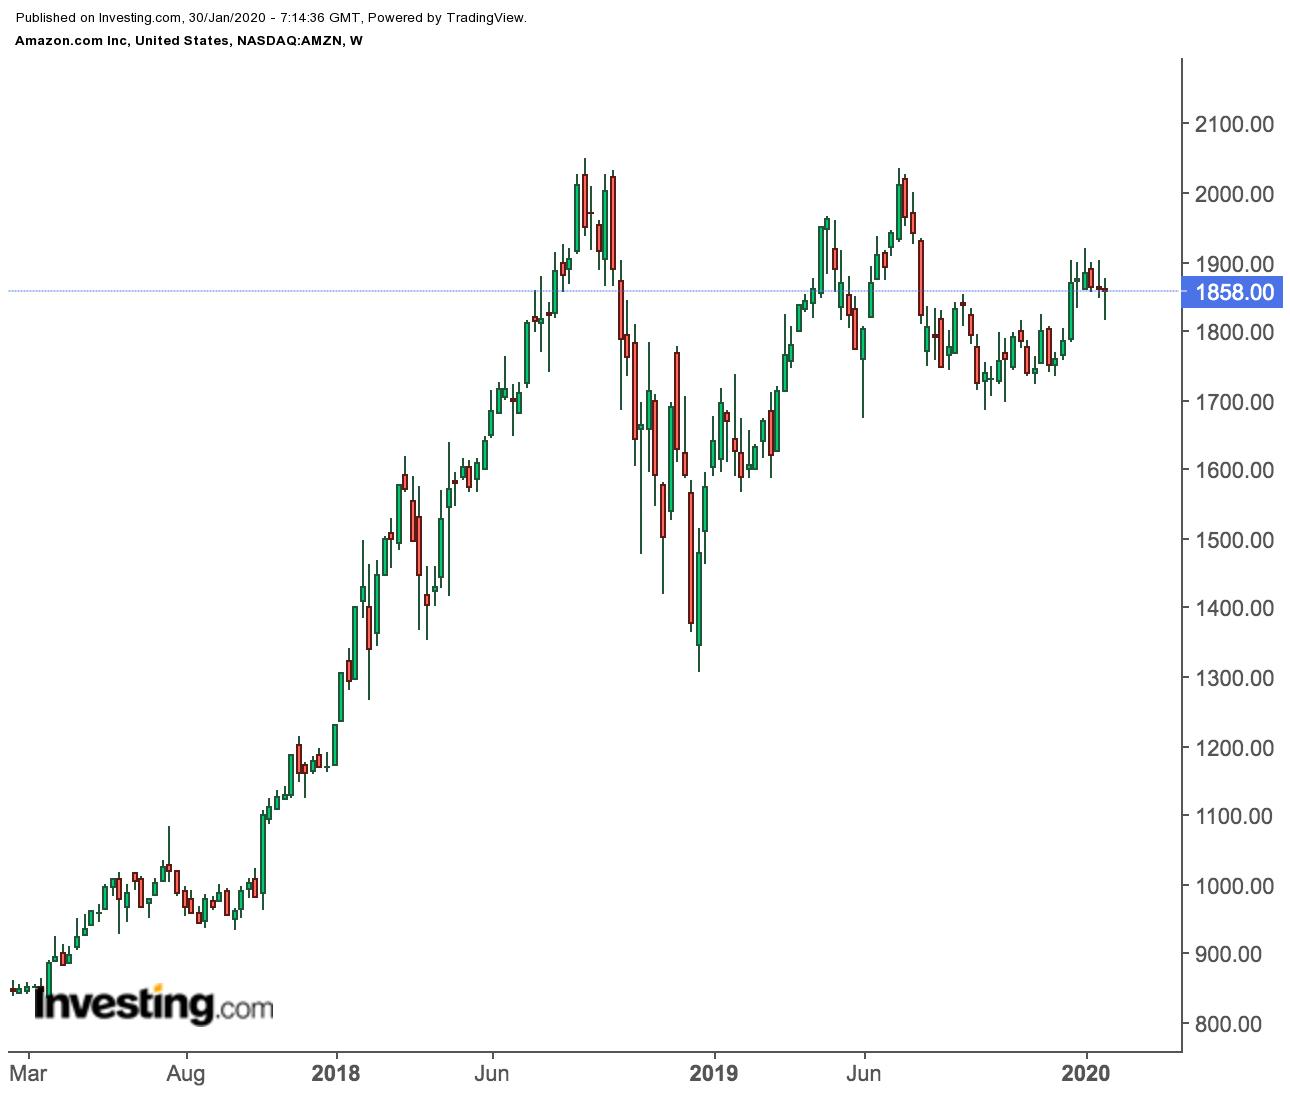 Amazon Weekly Price Chart